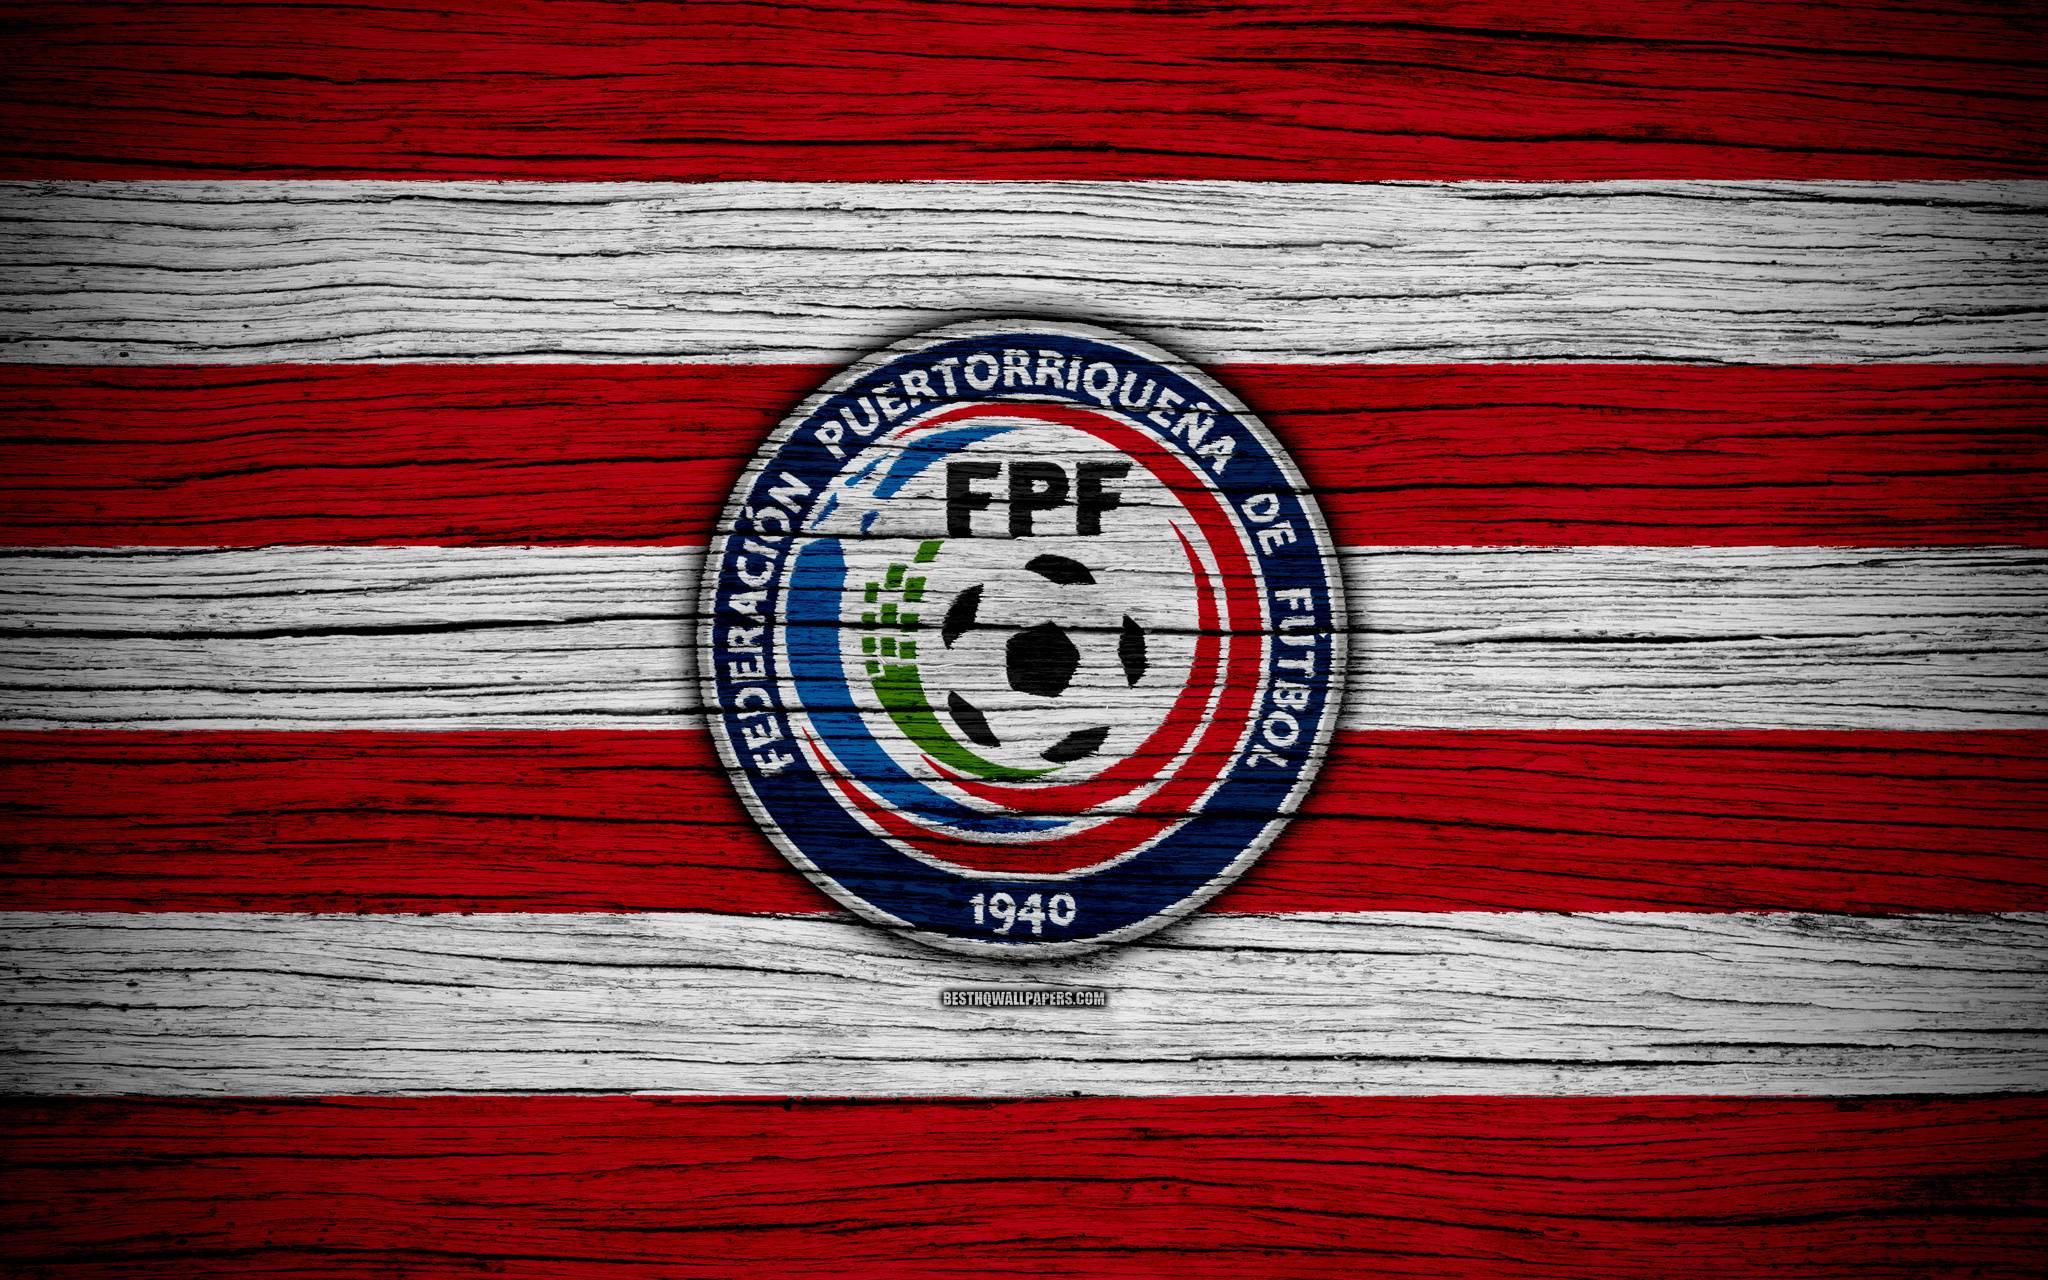 Puerto Rico Football